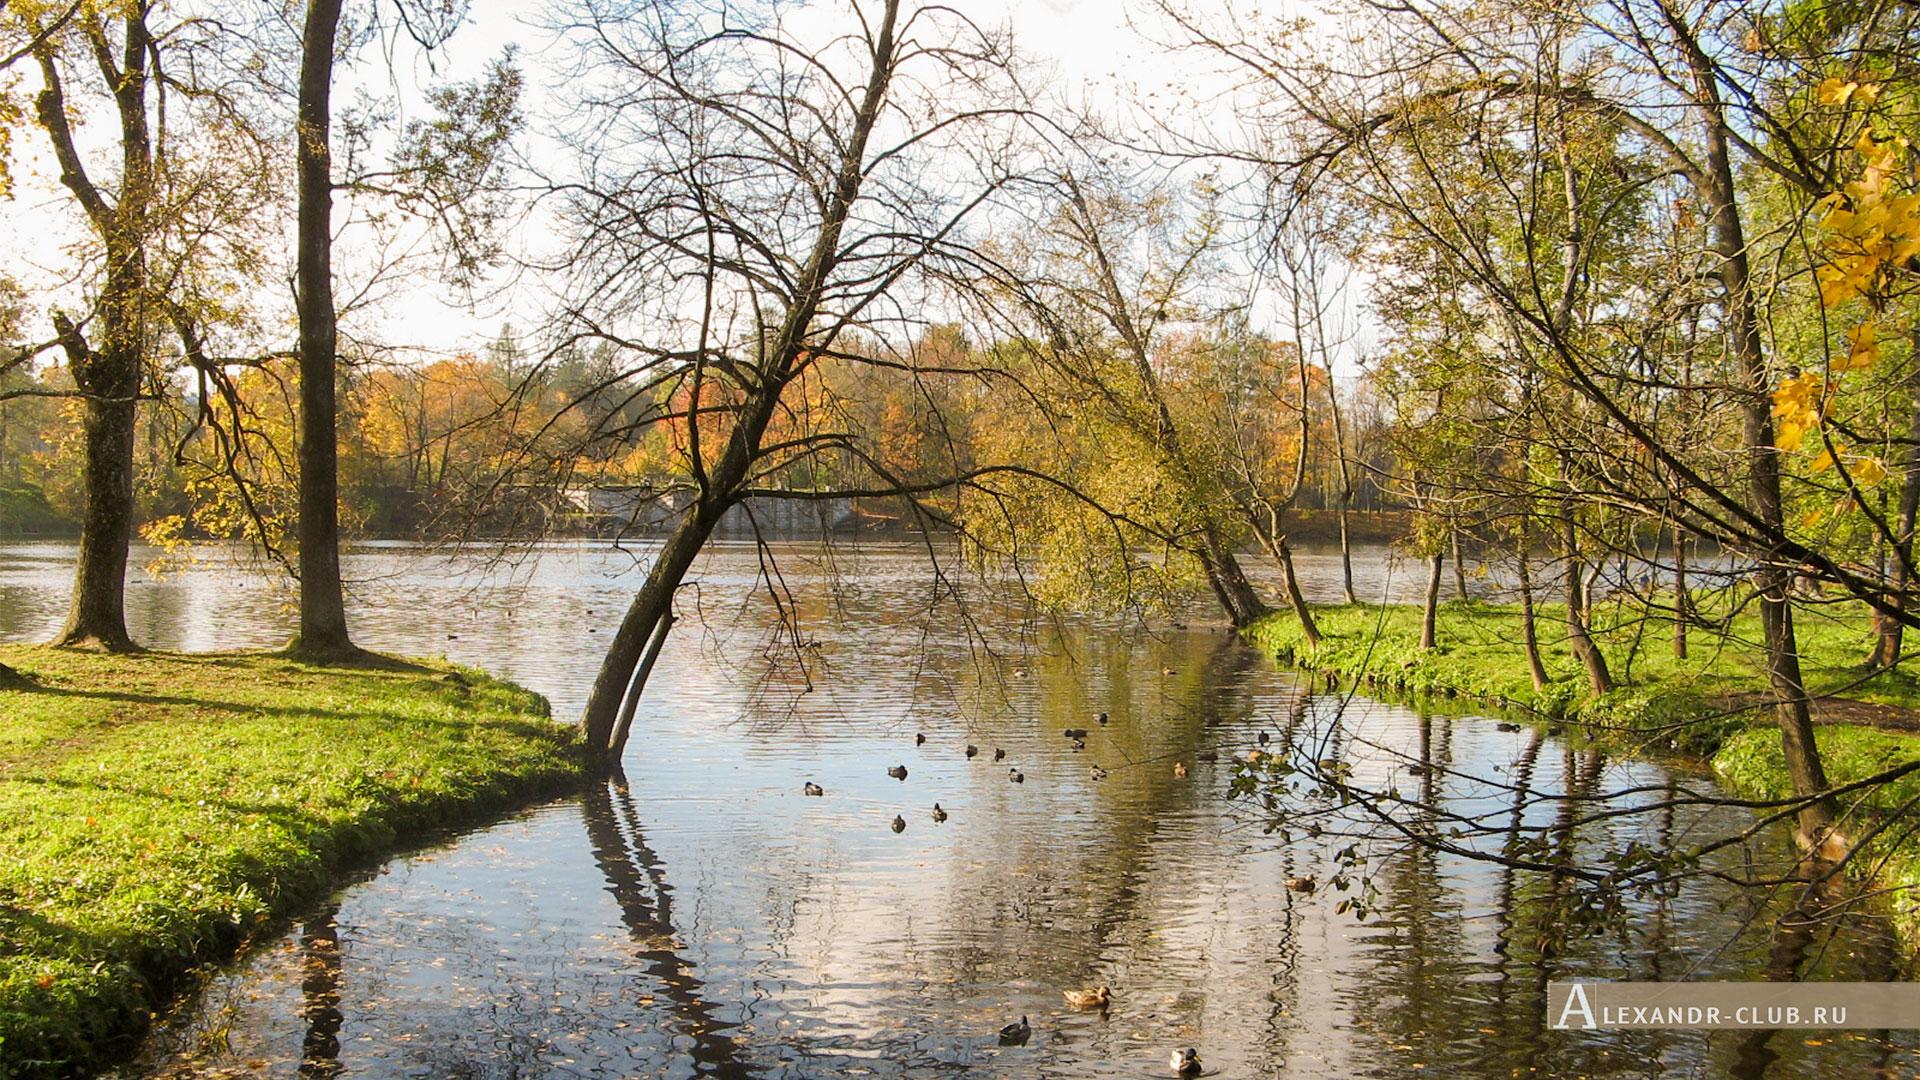 Гатчина, Гатчинский парк, осень, Белое озеро и Водный лабиринт